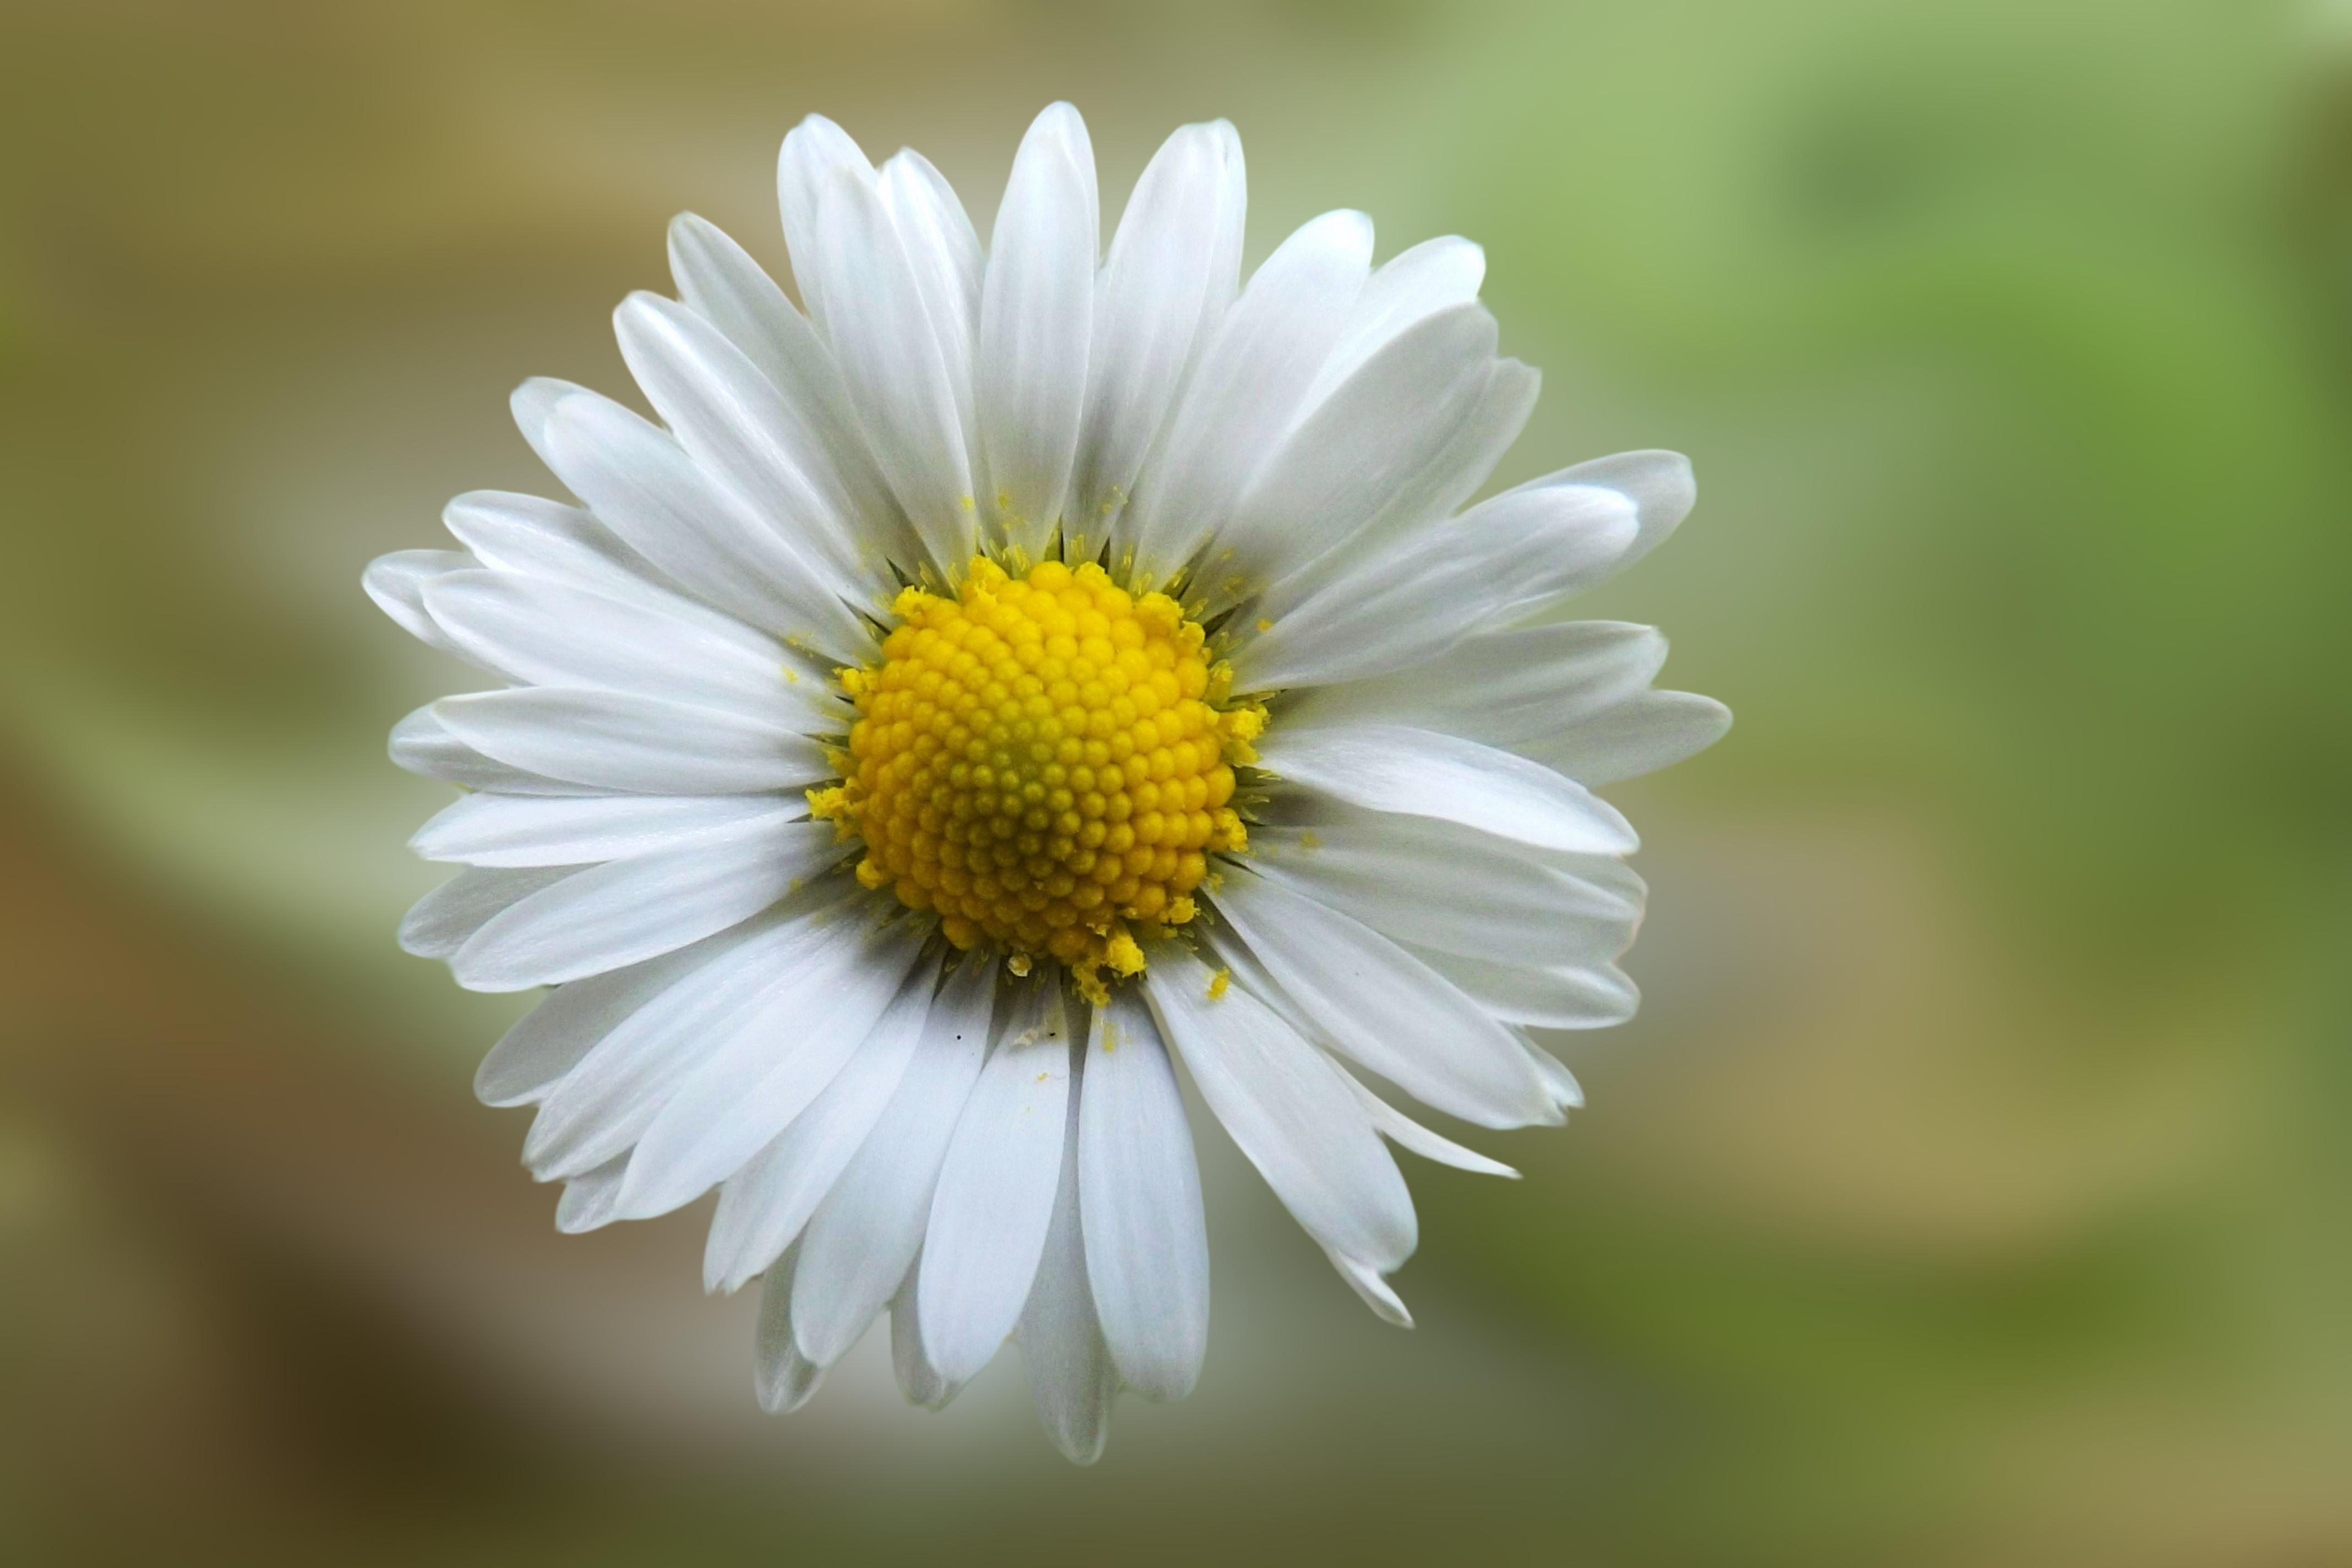 gratis afbeeldingen   natuur  bloesem  fabriek  fotografie